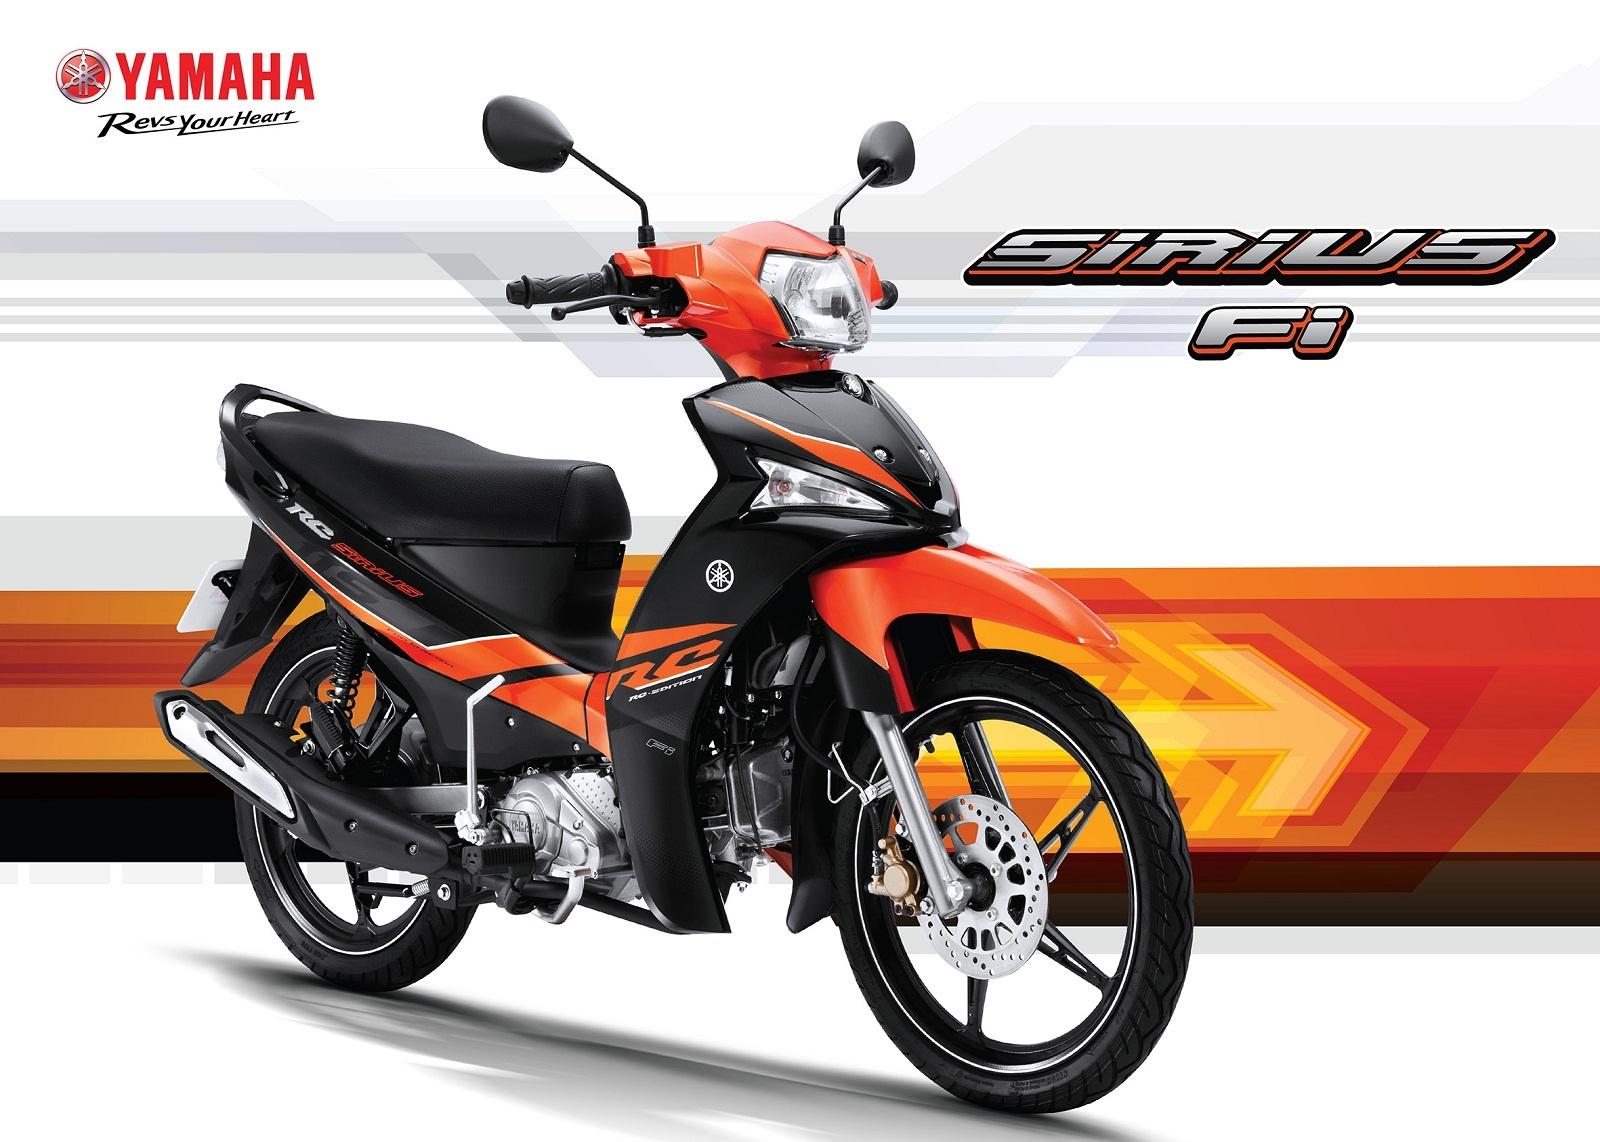 Xe số Sirius của Yamaha luôn được người dùng biết đến là một chiếc xe bền bỉ và tiết kiệm nhiên liệu